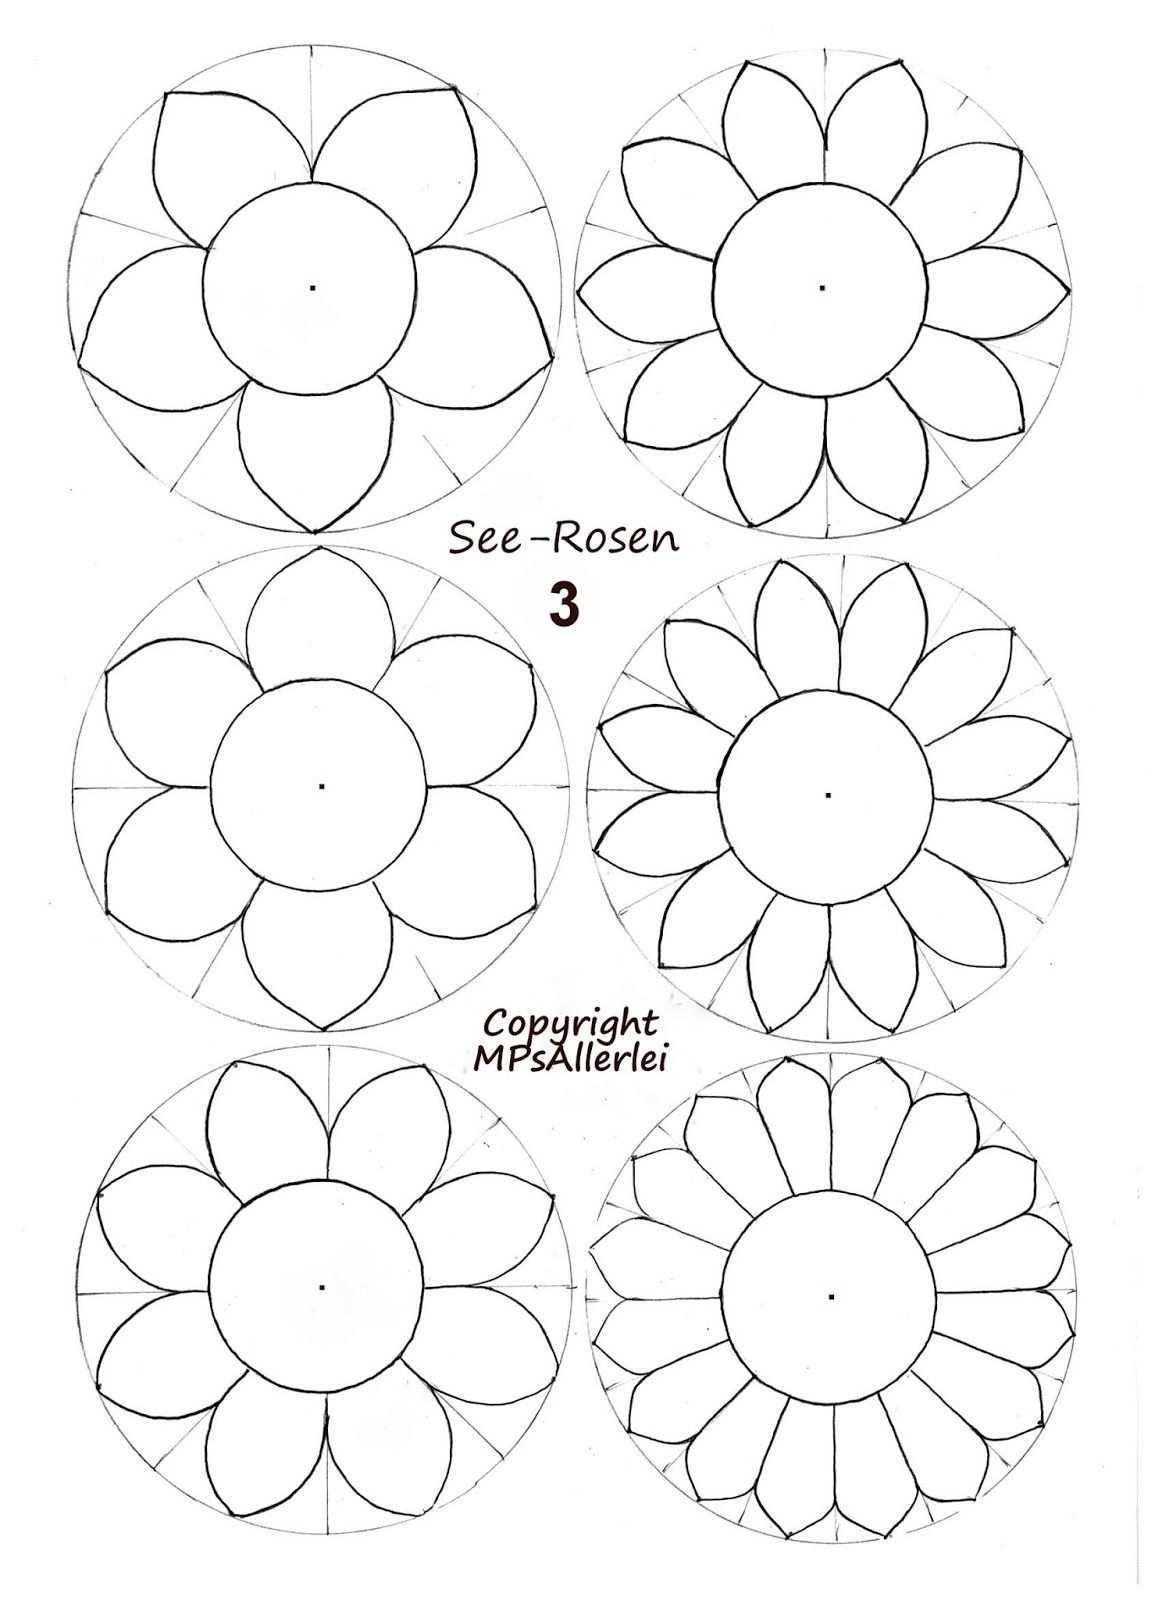 Mps Allerlei Ausdruckvorlage Seerosen 3 Vorlagen Blumen Basteln Blumen Vorlage Blumen Basteln